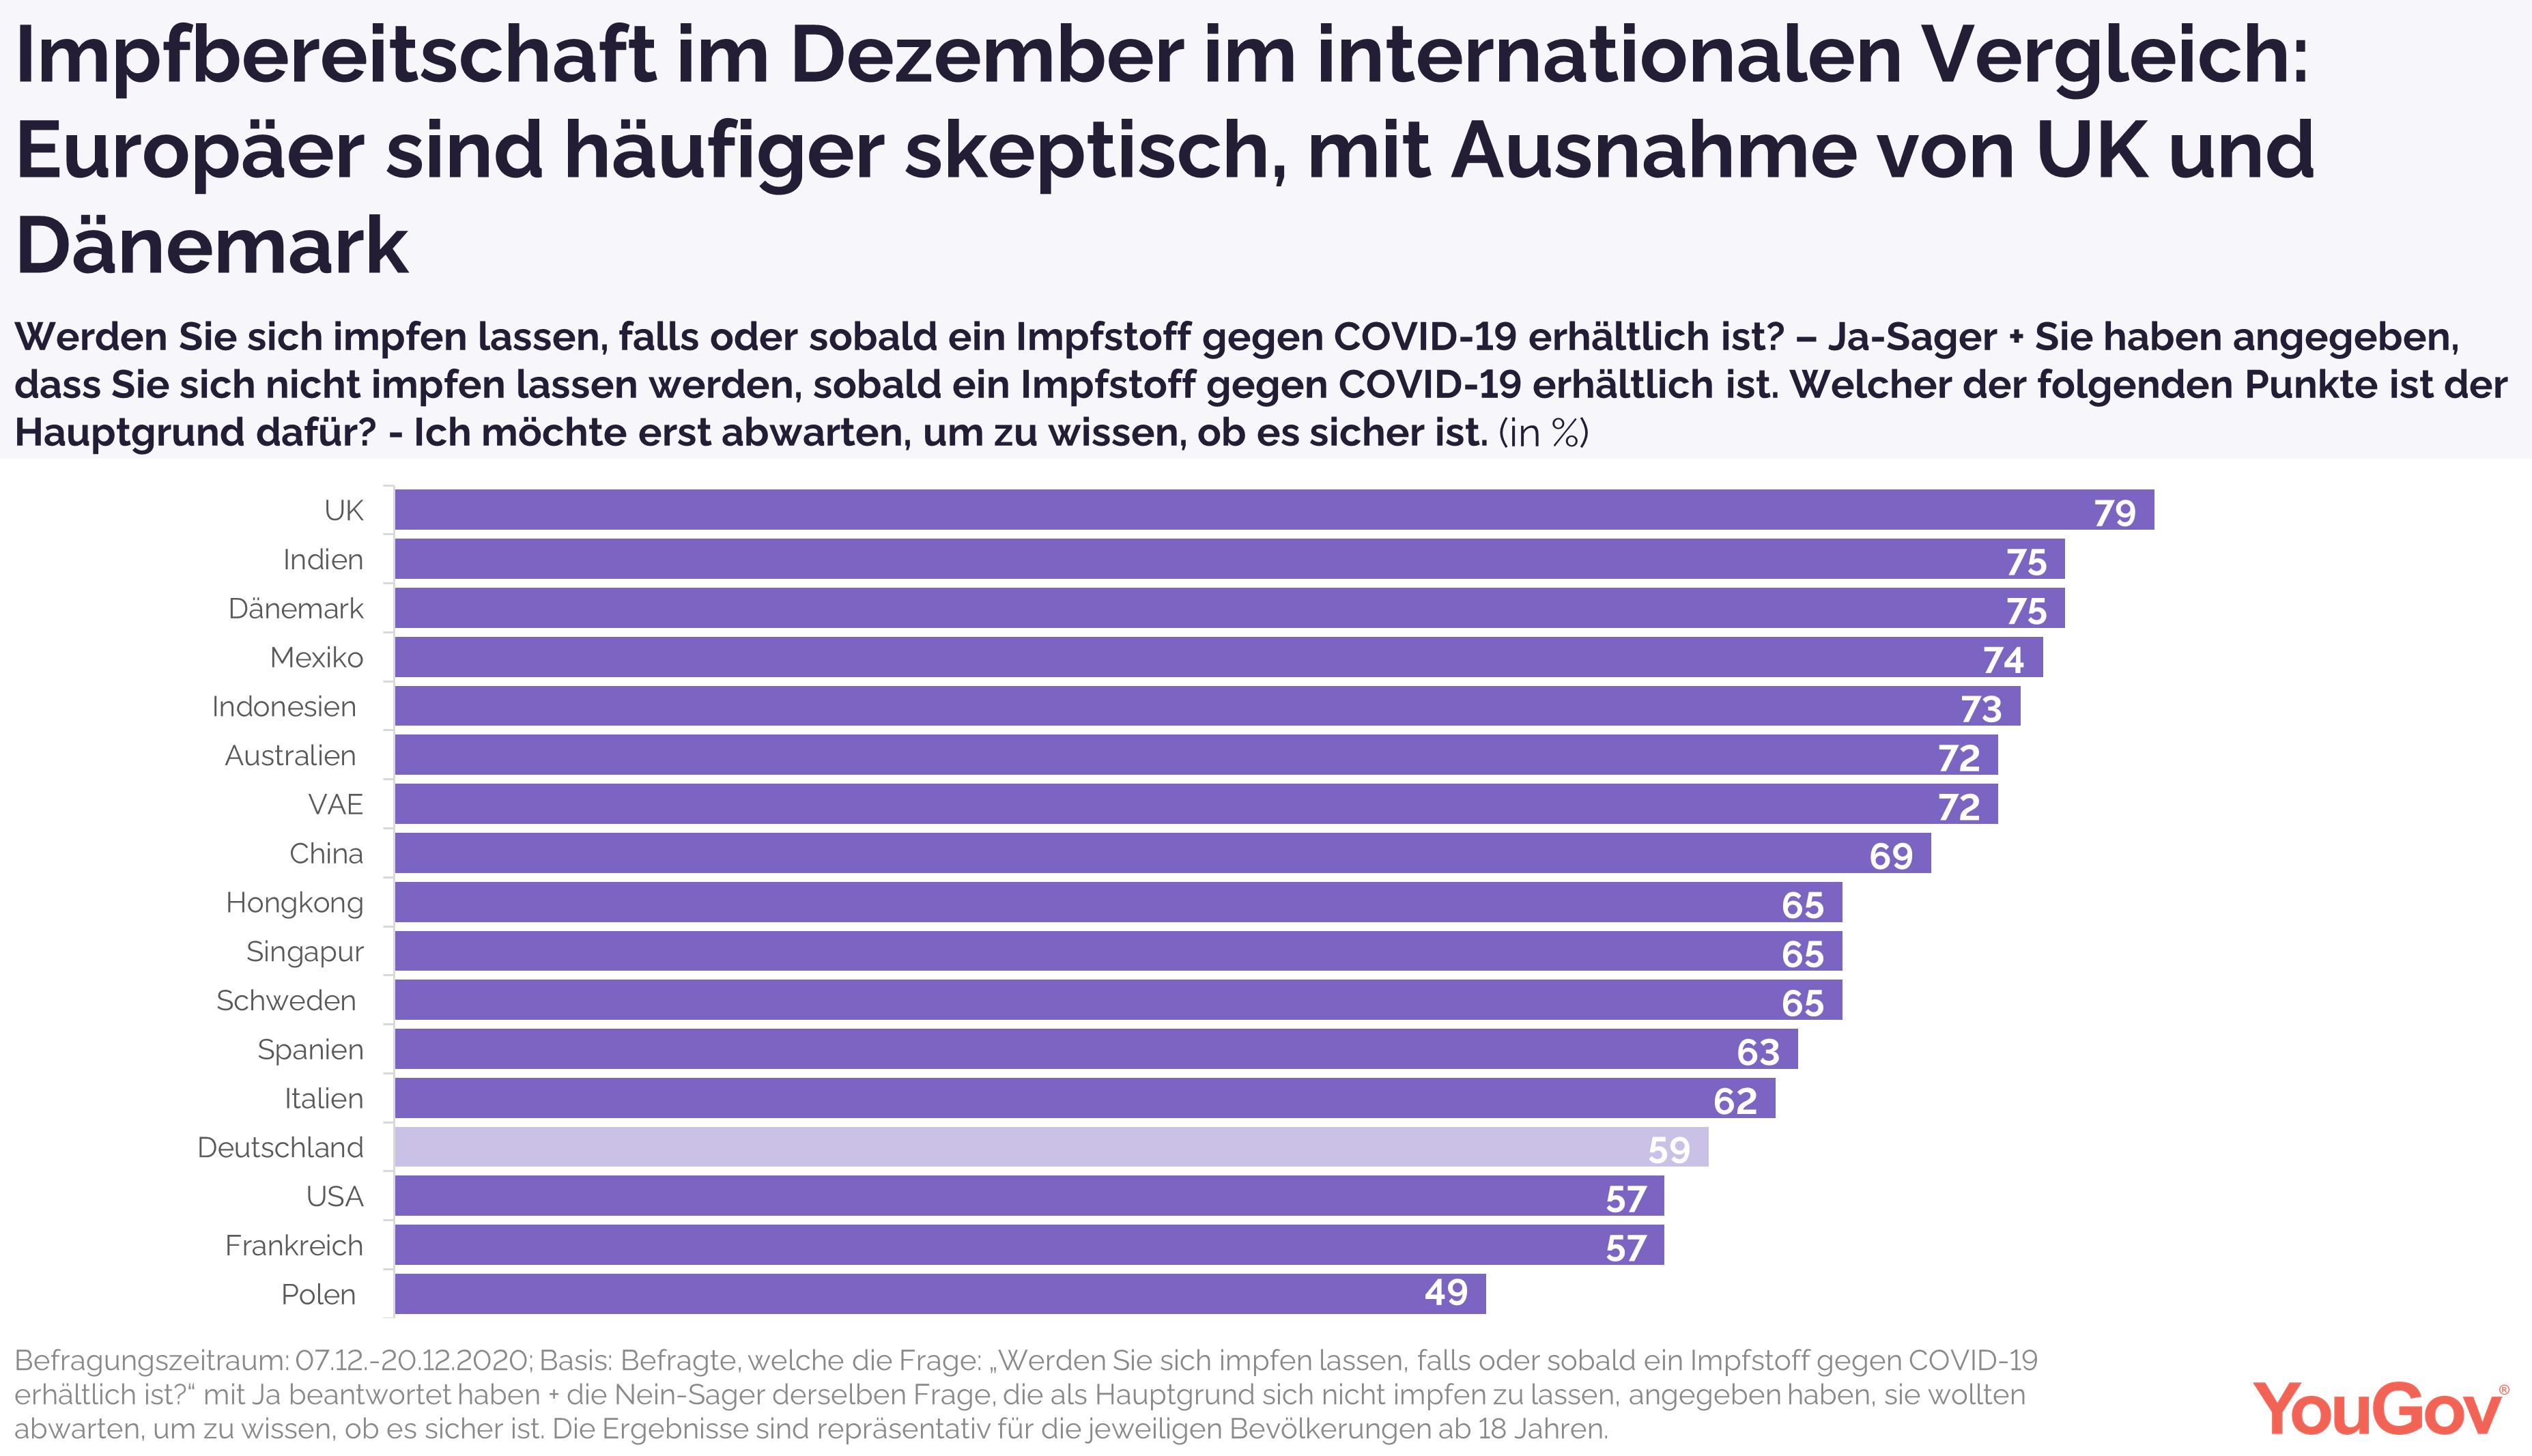 Europäer sind skeptsicher bzgl. Corona-Impfungen als Rest der Welt